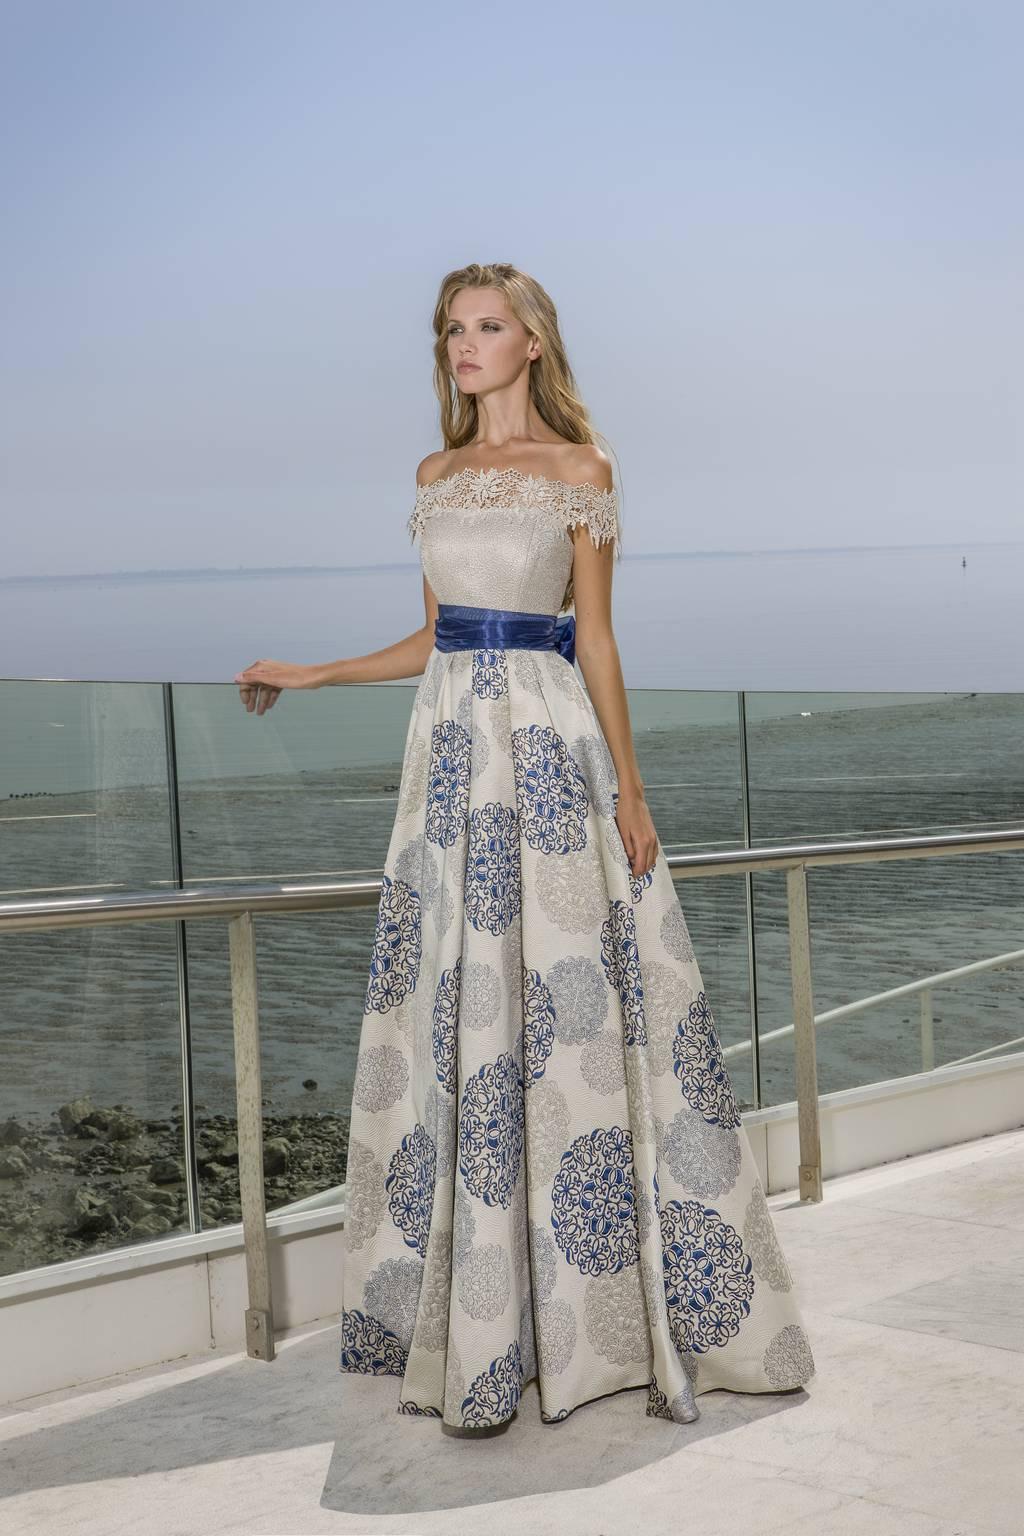 8 Luxurius Abendkleider Neuss Spezialgebiet - Abendkleid